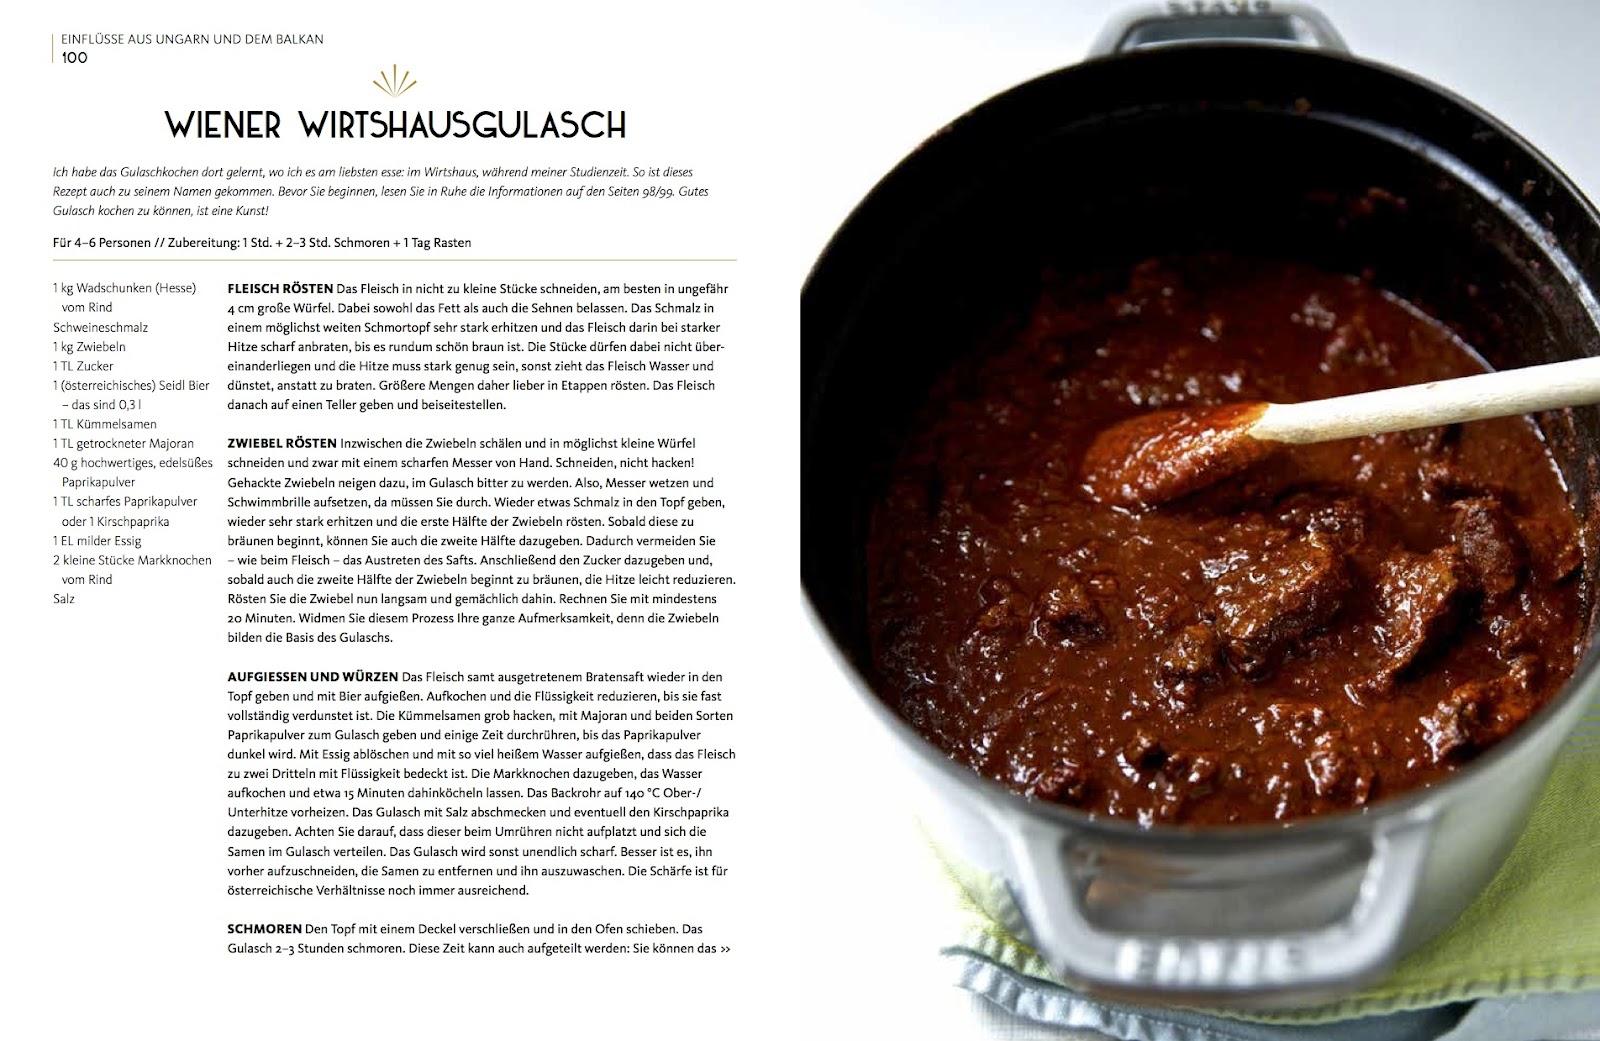 Wiener kuche frau ziii